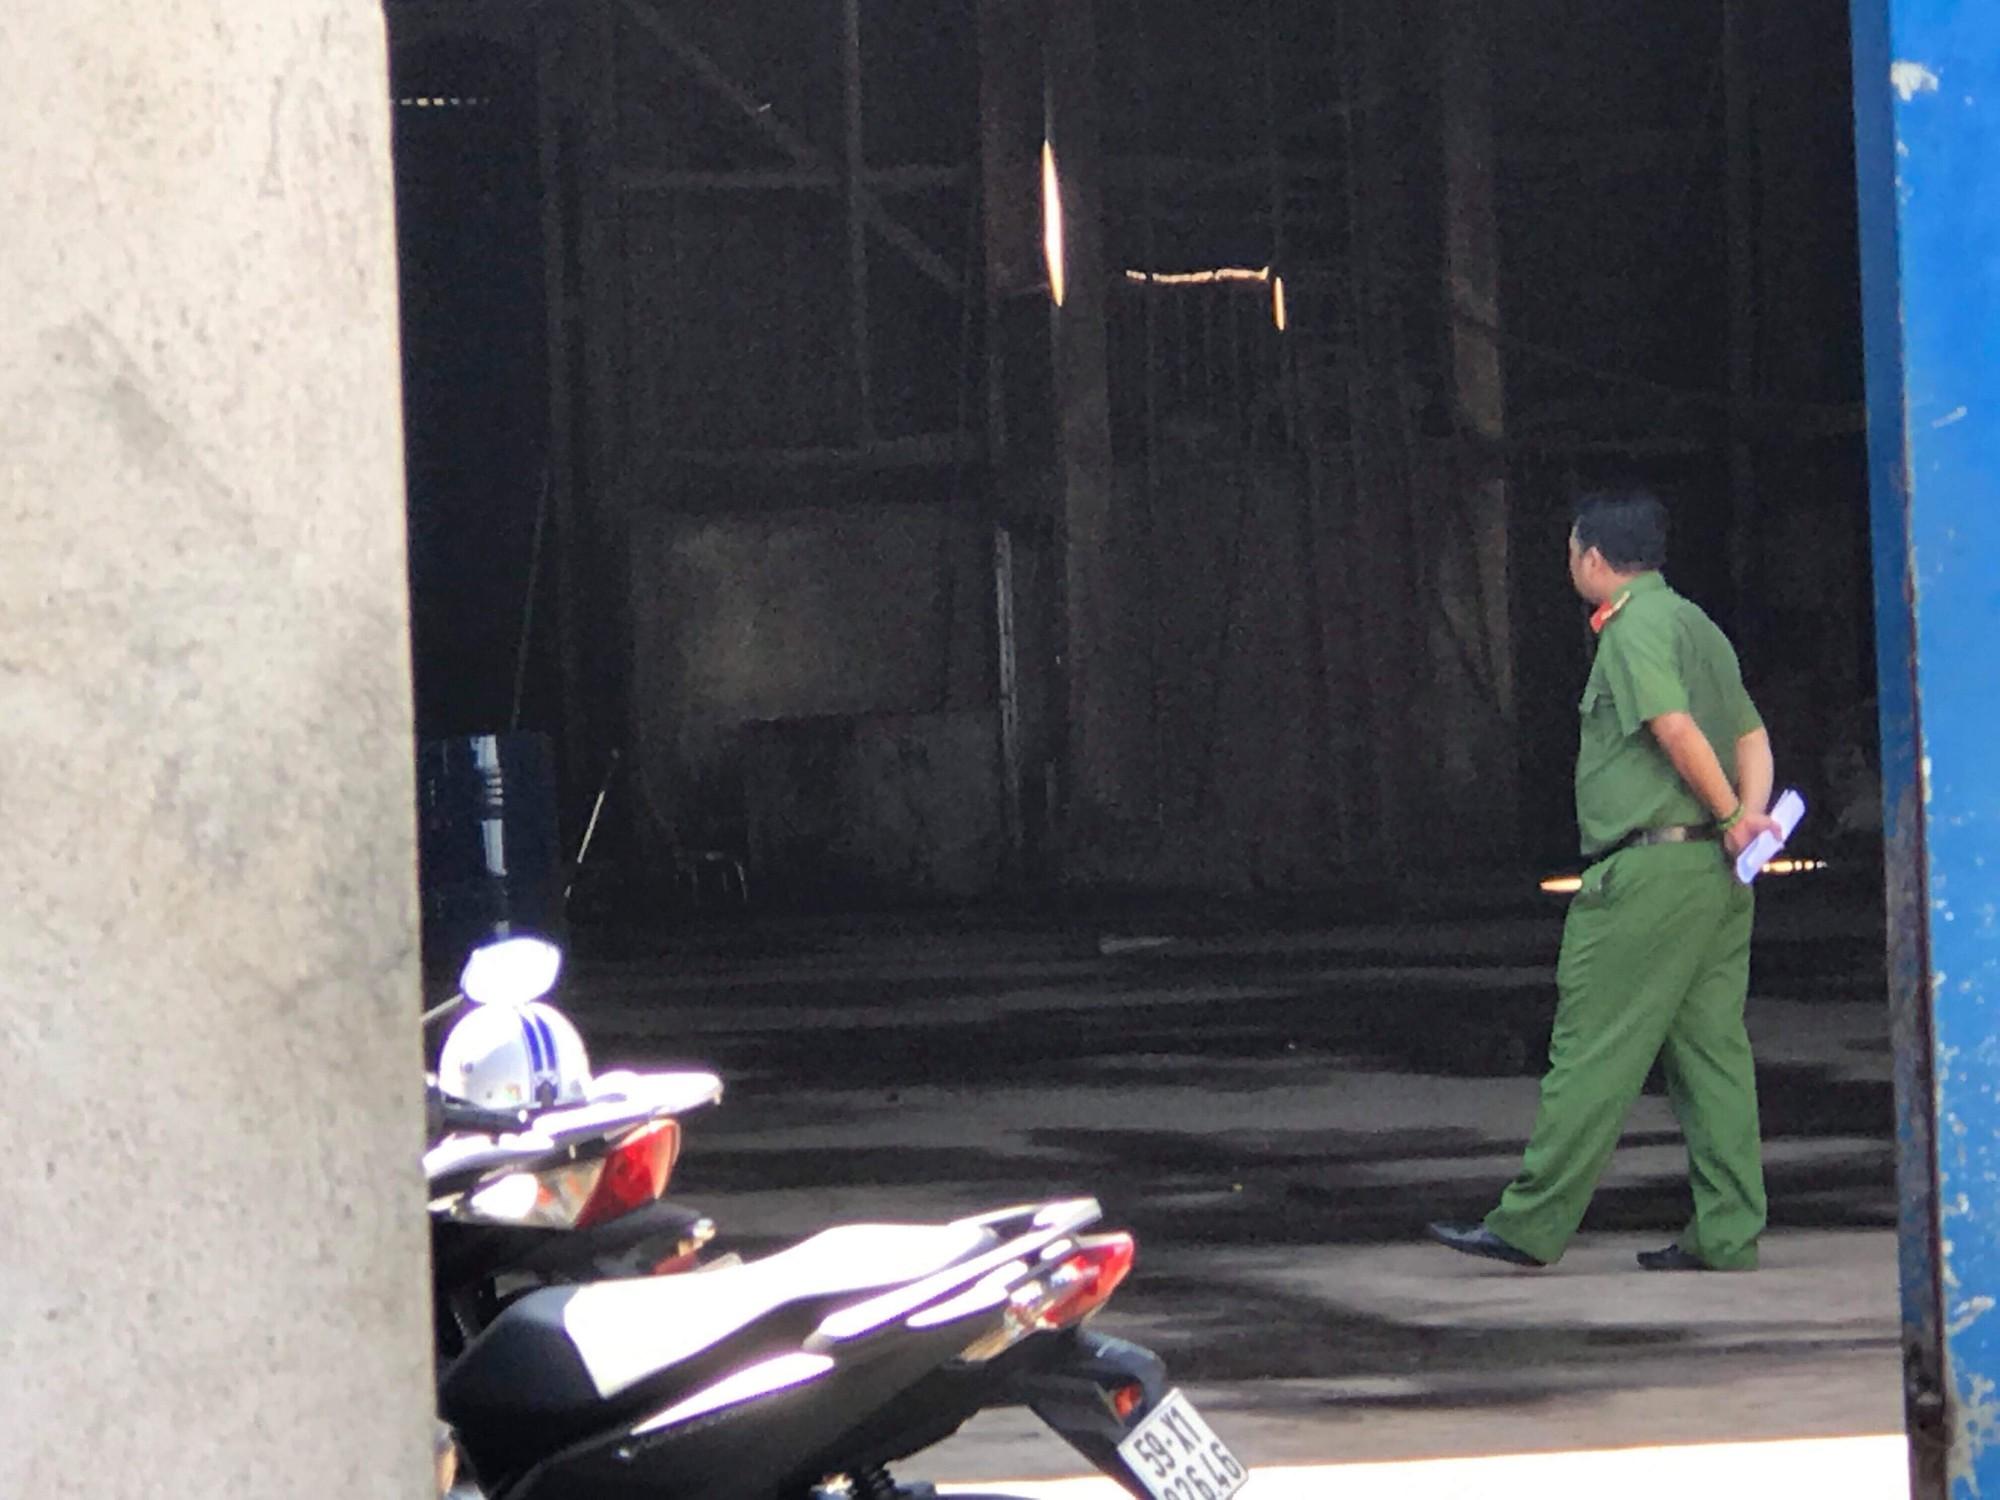 Sang chiết xăng dầu gây cháy kinh hoàng ở Sài Gòn, 2 người nhập viện vì bỏng nặng - Ảnh 3.